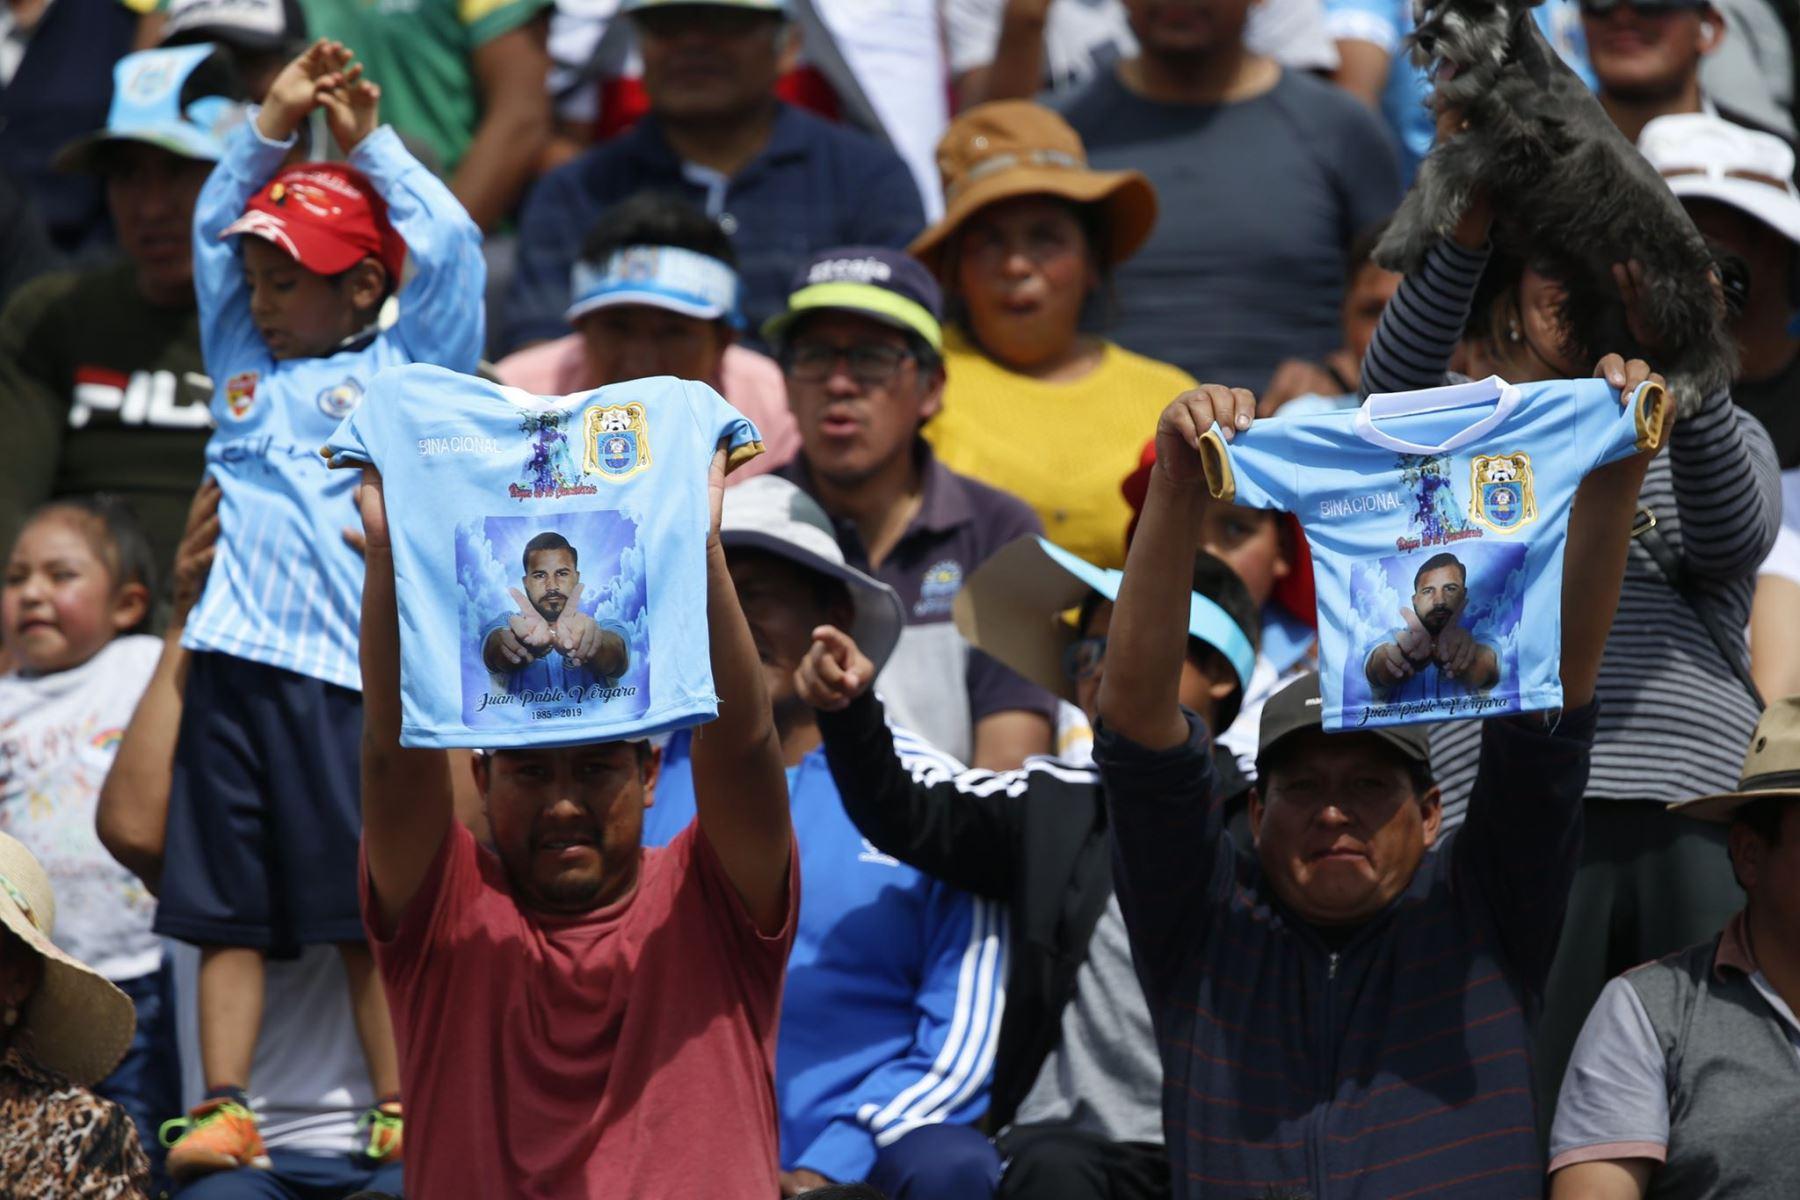 Imágenes previas al partido entre Alianza Lima y Binacional, que disputan en la final del fútbol peruano por la Liga 1. Foto: ANDINA/Carlos Lezama